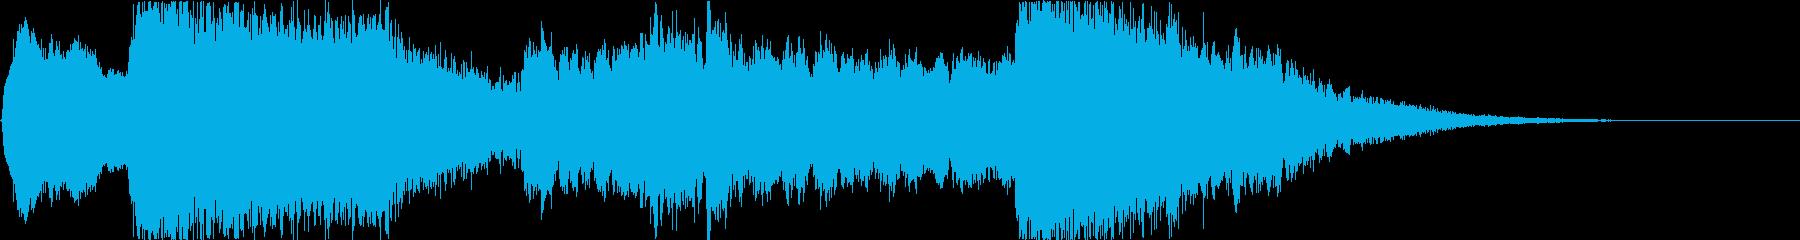 和風ロゴ・尺八と和太鼓・刀の抜刀イメージの再生済みの波形